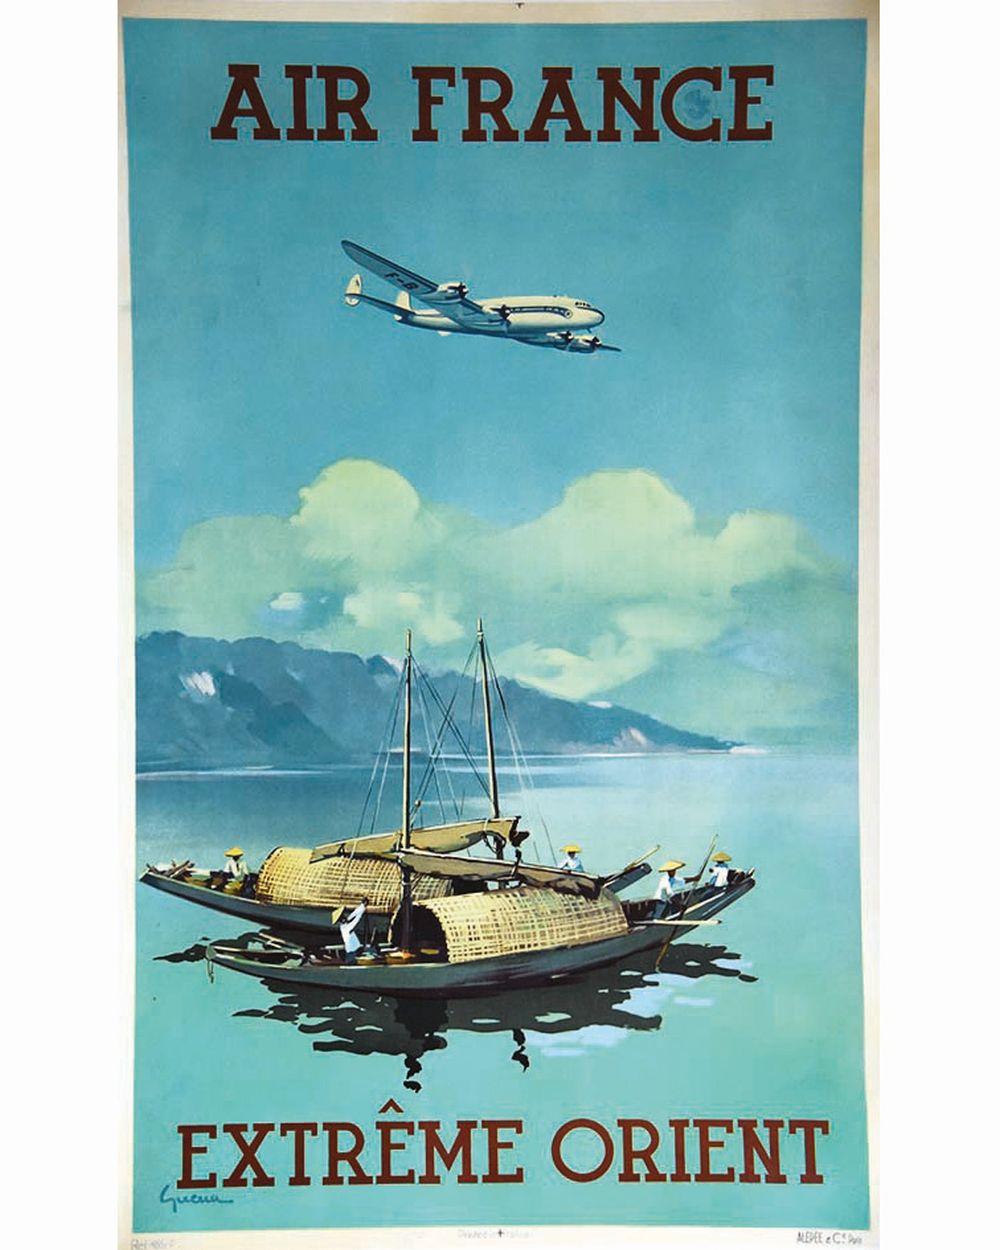 GUERRA - Extrème Orient Orient Air France     vers 1948